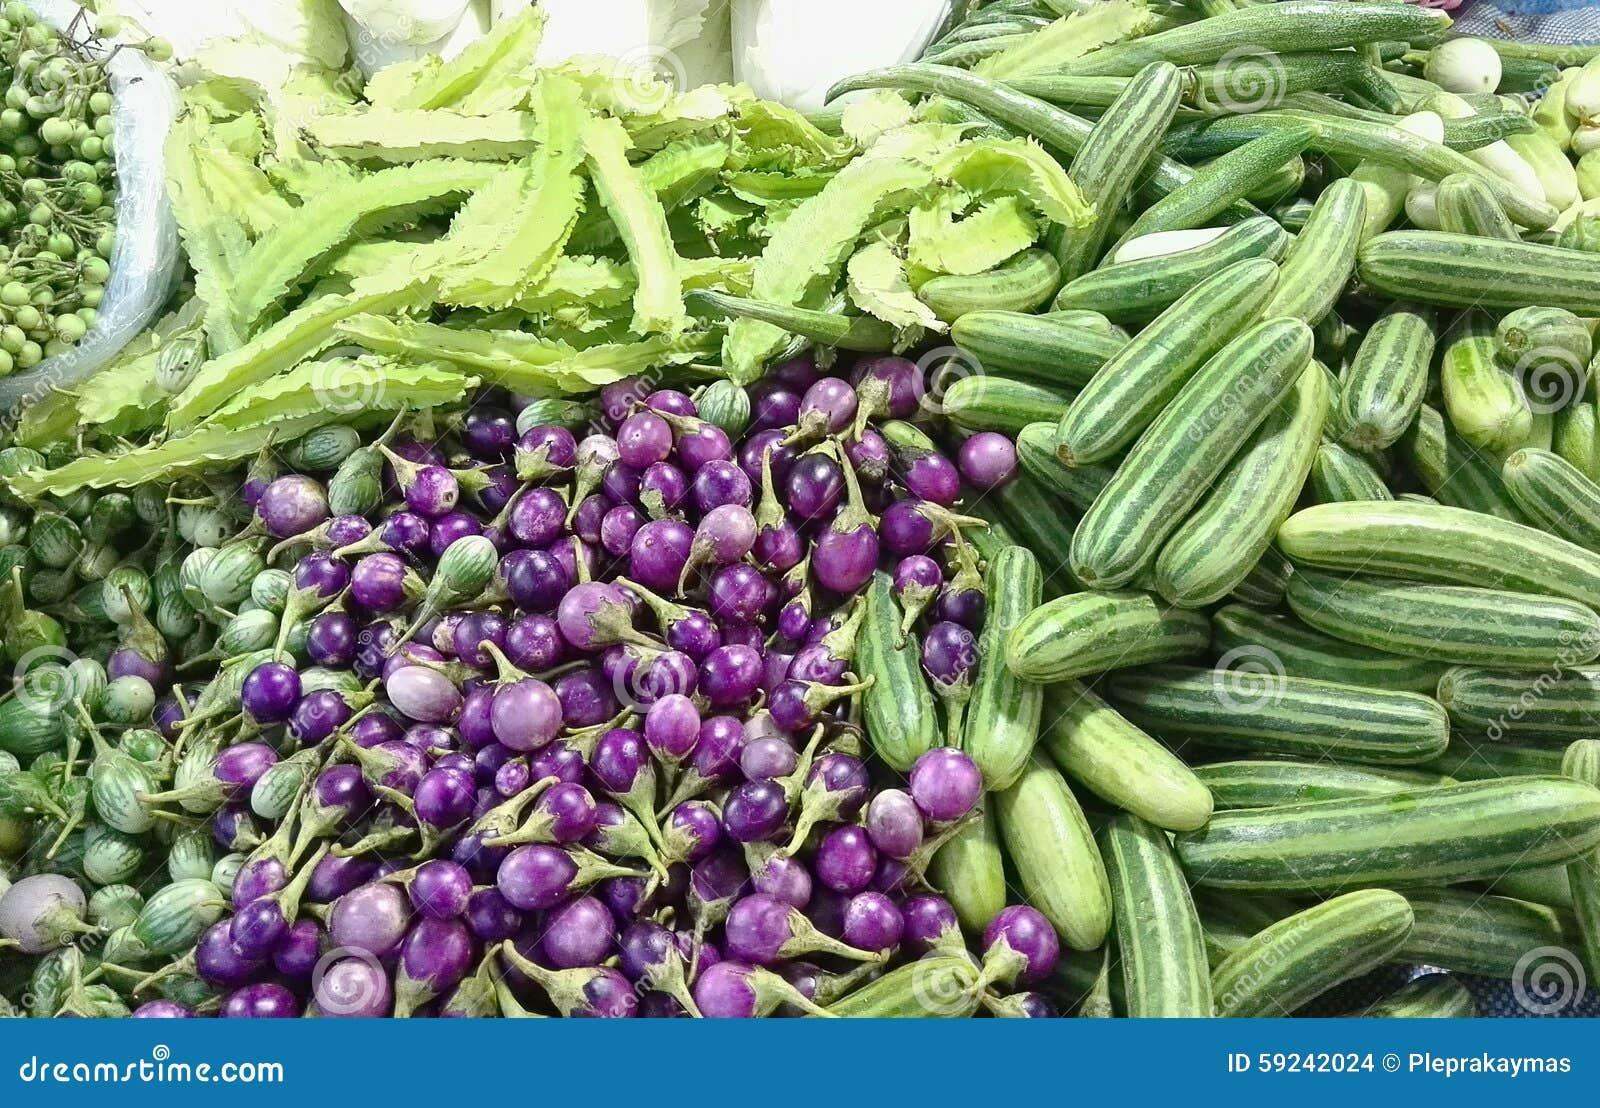 Download Alimento Fresco De Vegetable Foto de archivo - Imagen de sano, estado: 59242024